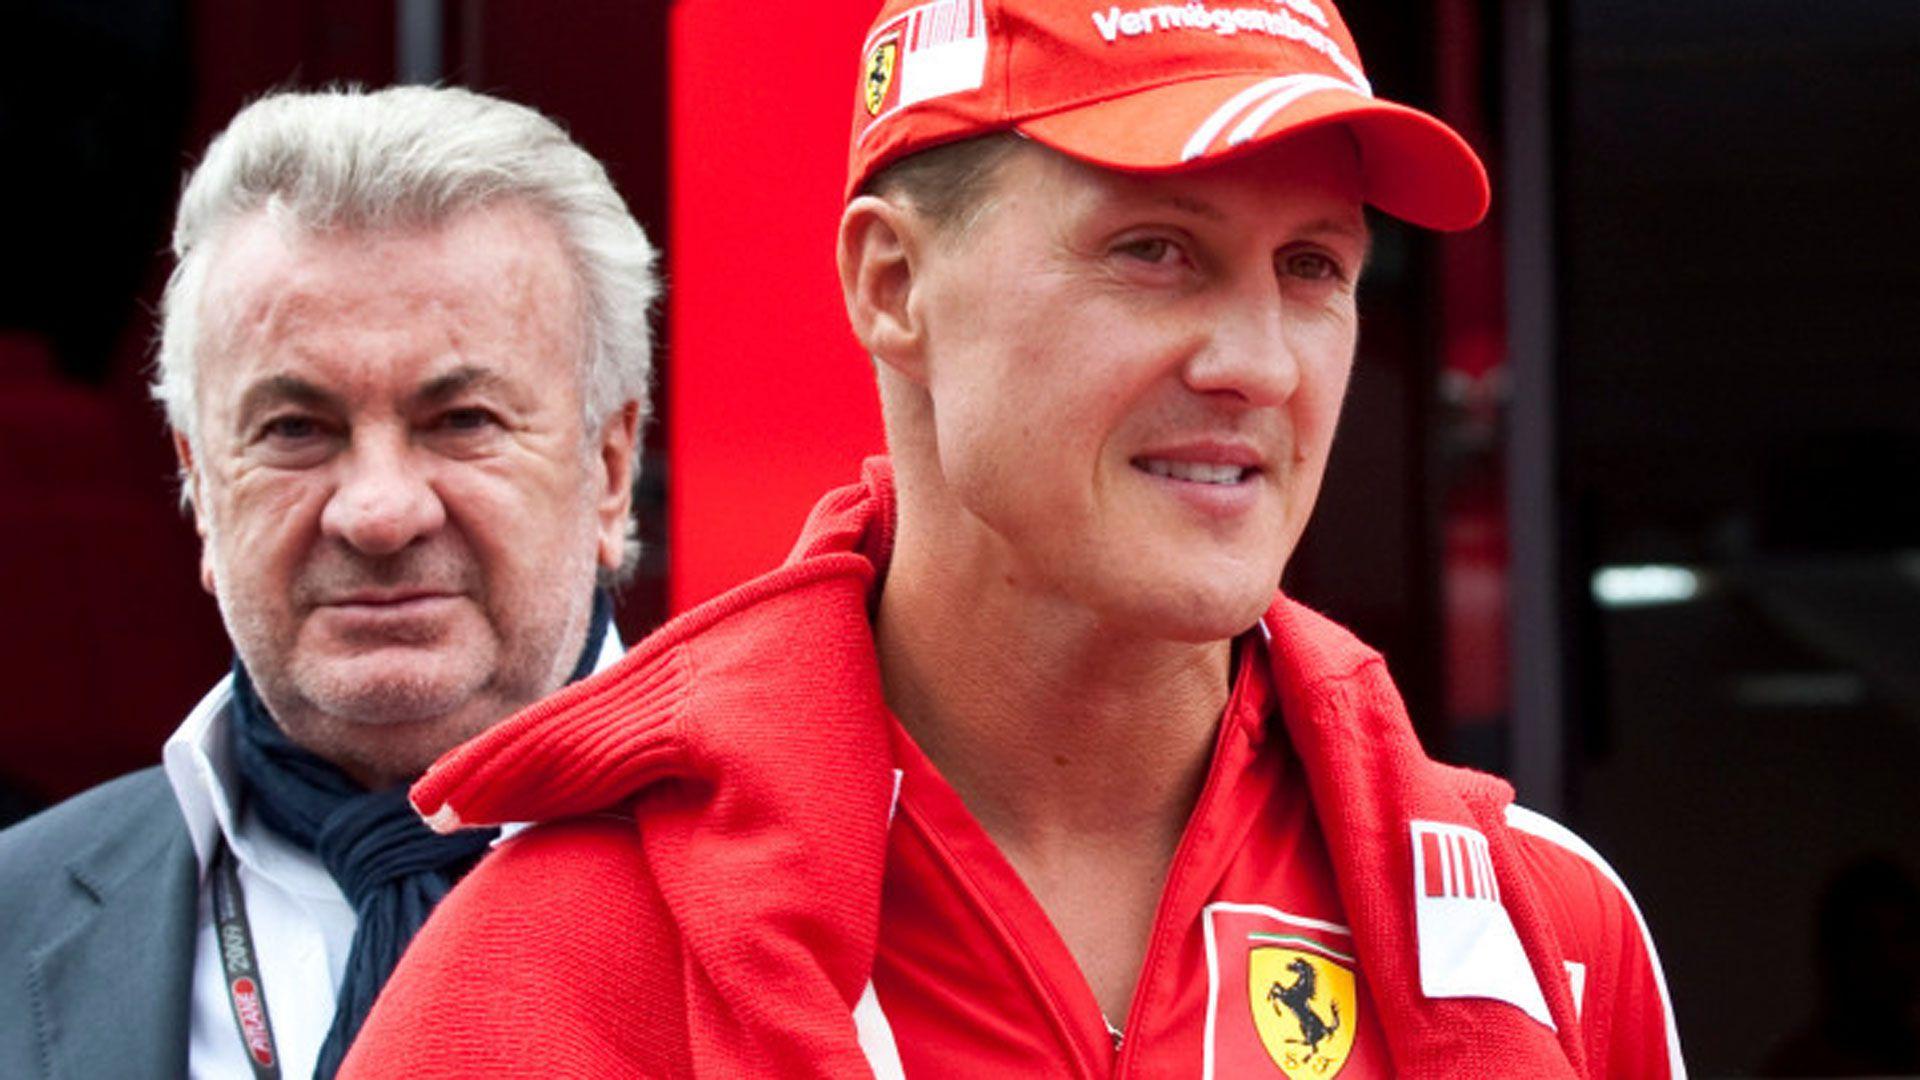 Willi Weber y Michael Schumacher (AP)